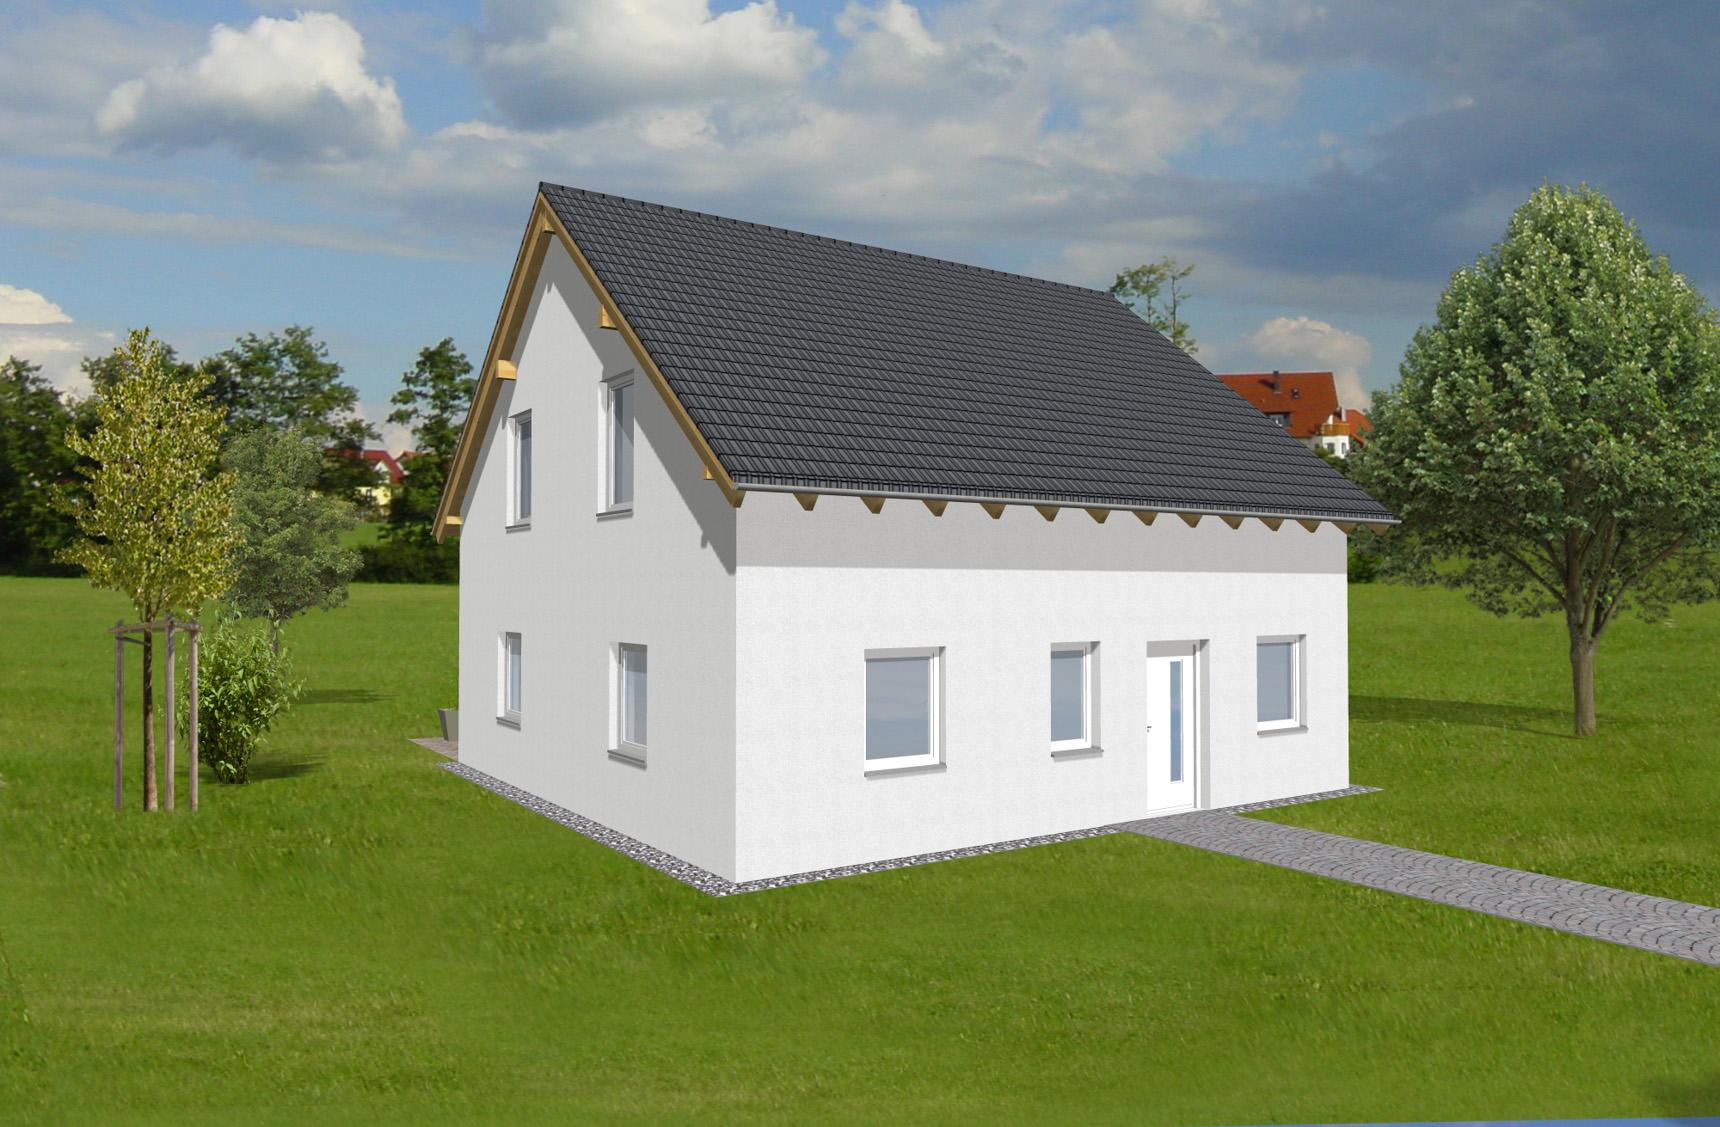 Typenhaus Mira - ALG Massivhaus GmbH Eingangsansicht